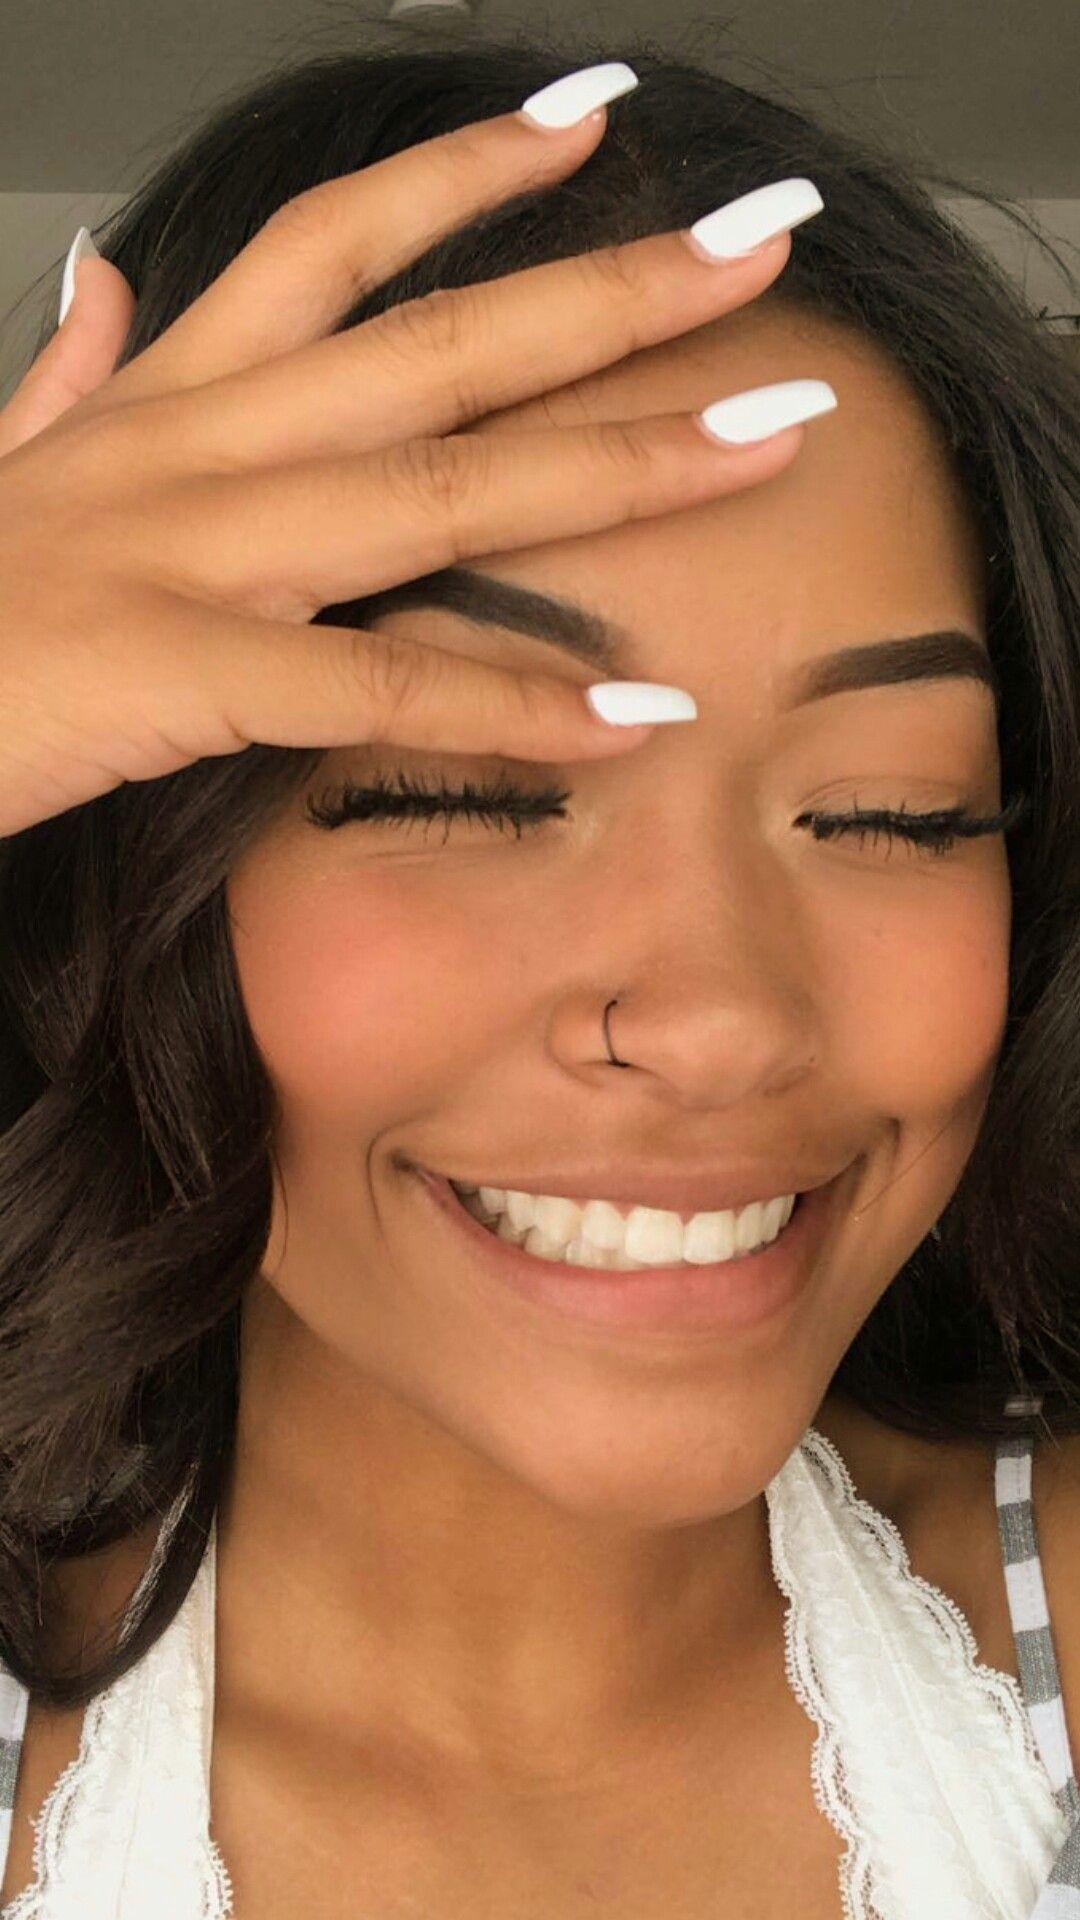 Pin By Marryn Adams On Stuff Cute Nose Piercings Nose Piercing